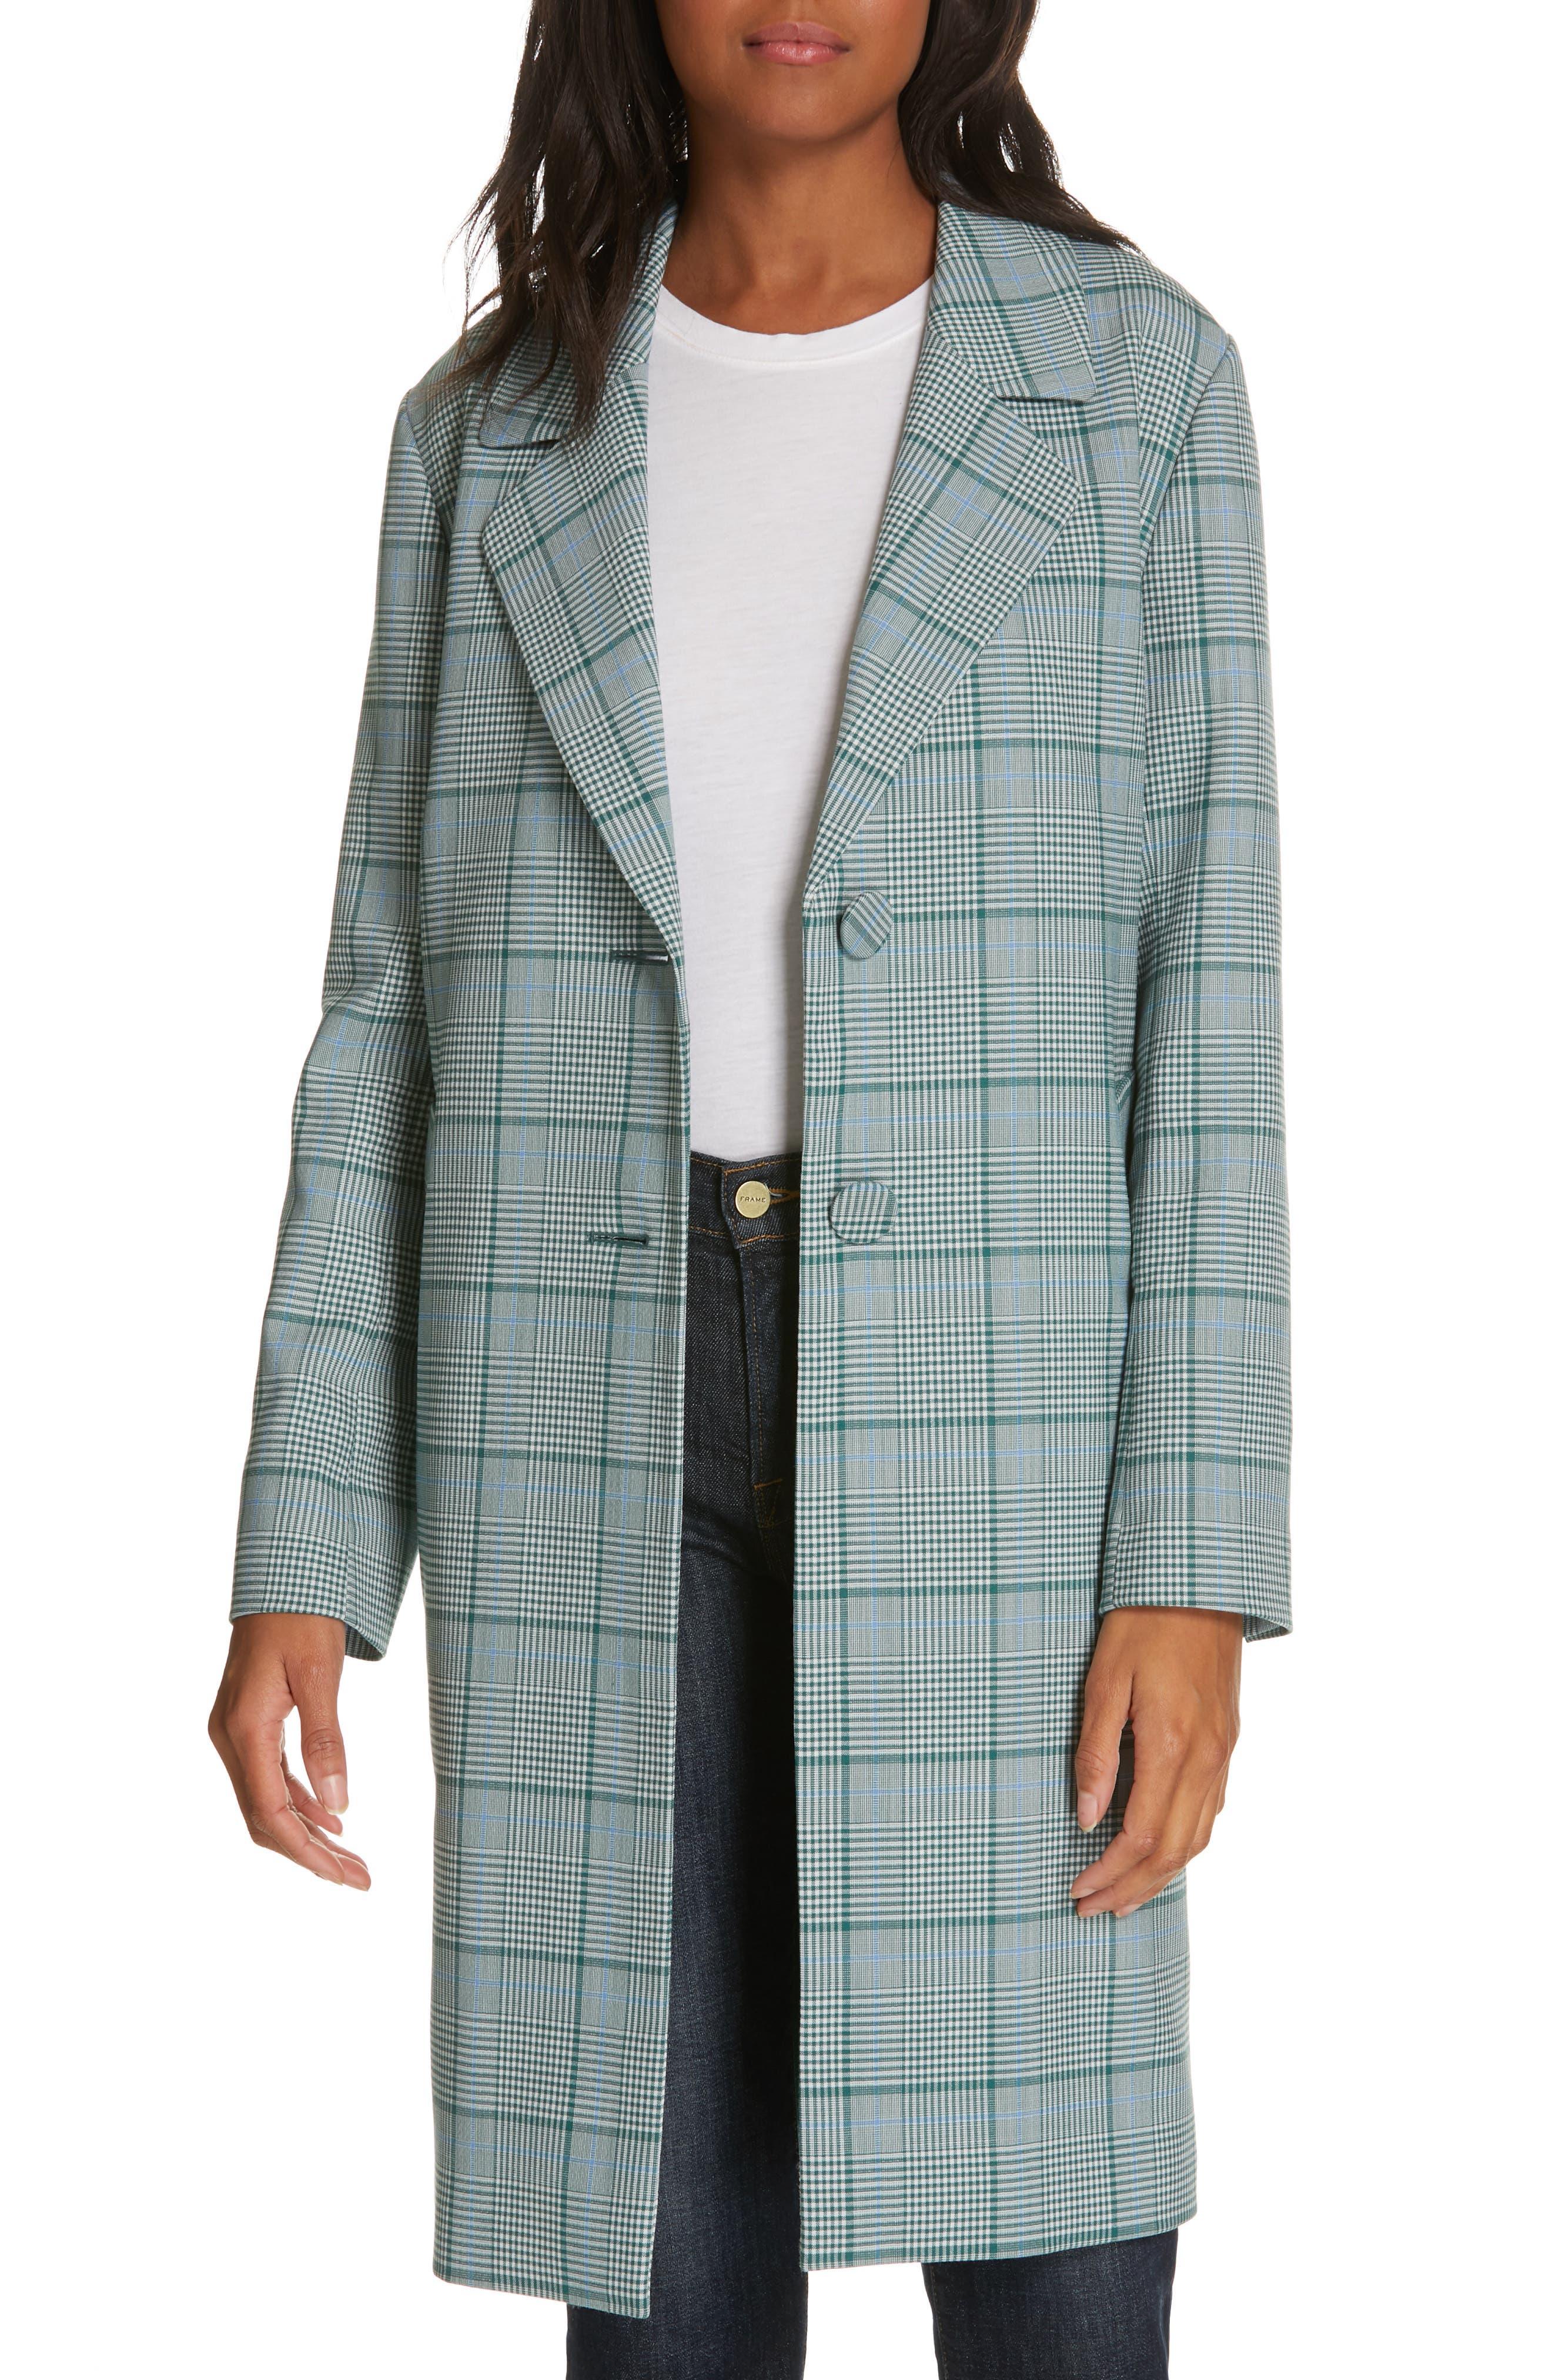 LEWIT Check Coat, Main, color, 310